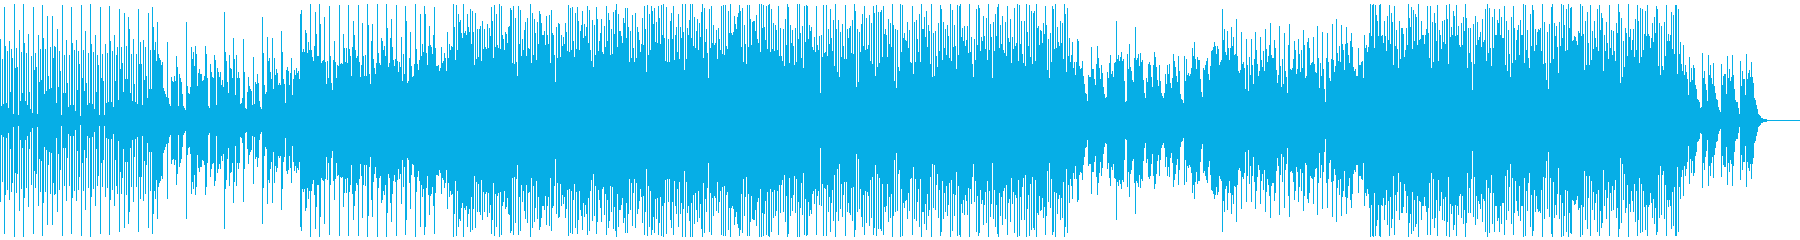 ハウスミュージック1の再生済みの波形